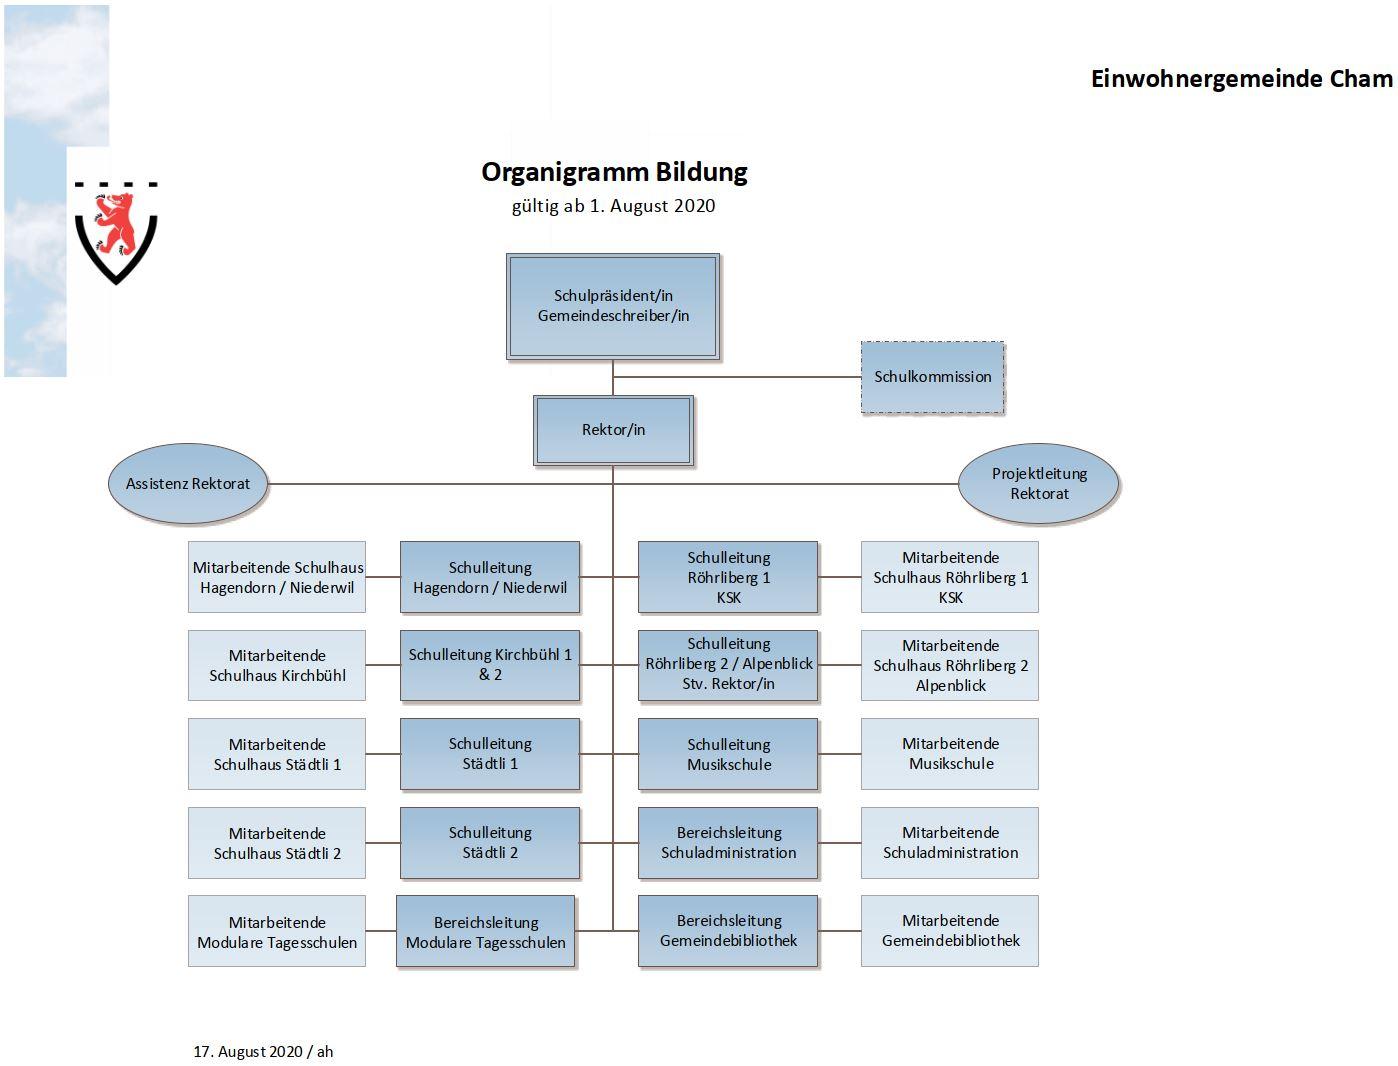 Organigramm Bildung